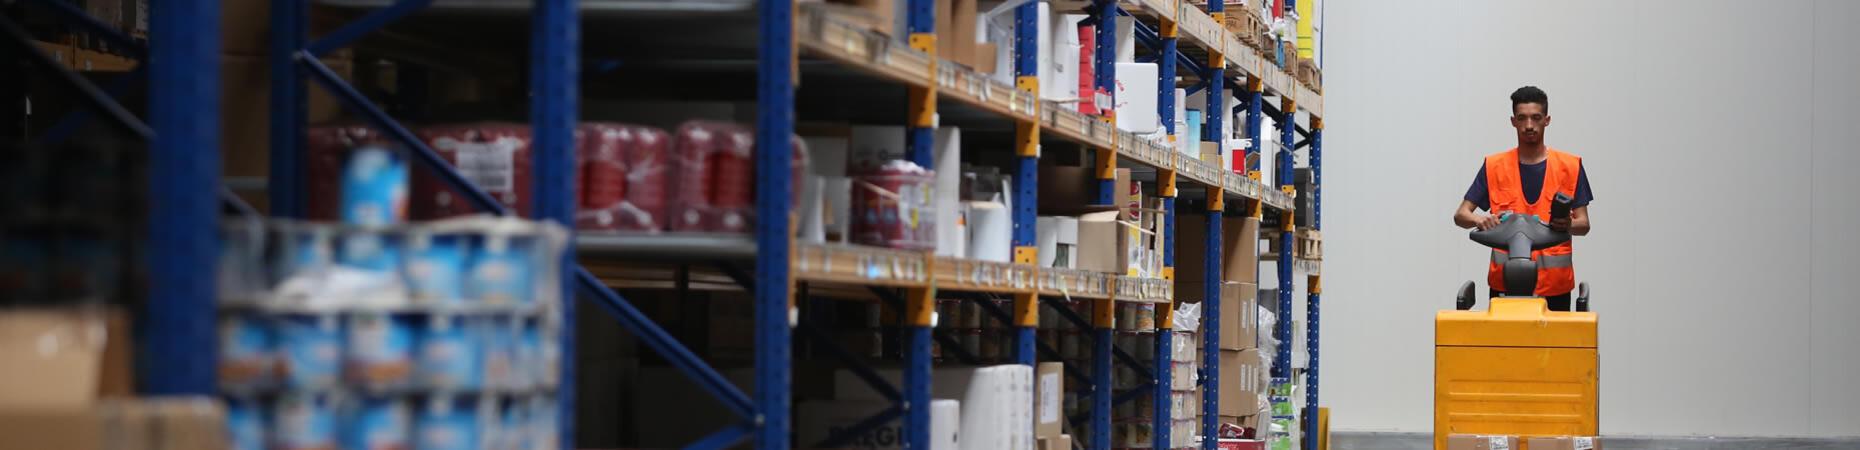 ecoservice-cesena it logistica-settore-alimentare-cesena 005